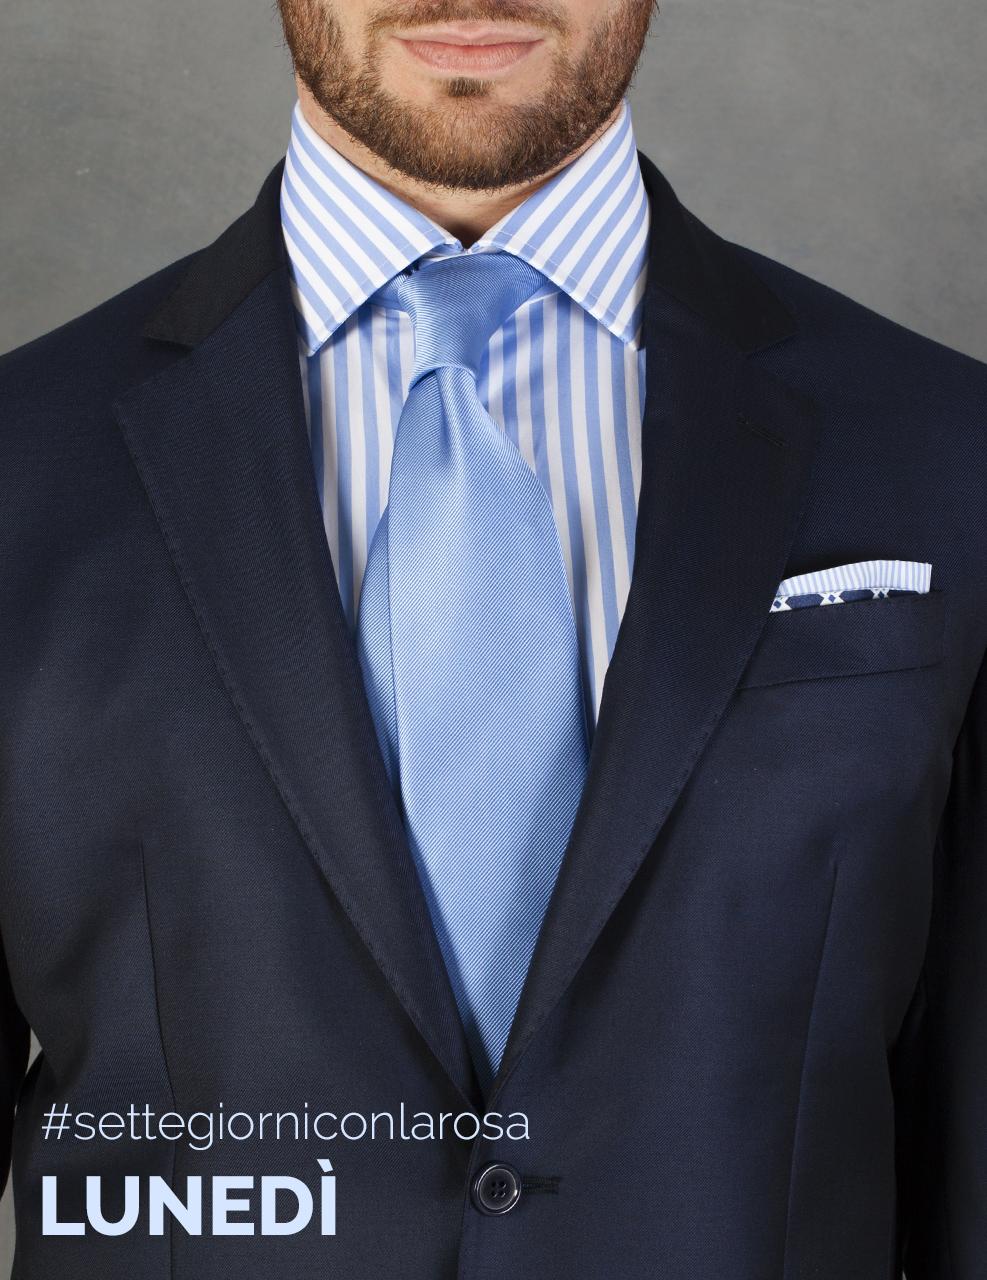 Camicia Pari Largo Azzurro 100% Cotone E' una camicia studiata per sposare le esigenze di confort e libertà con l'eleganza e la classe della tradizione. Fornisce all'abito classico un impronta più disinvolta, consentendo in alternativa di essere indossata con abbigliamento più informale.